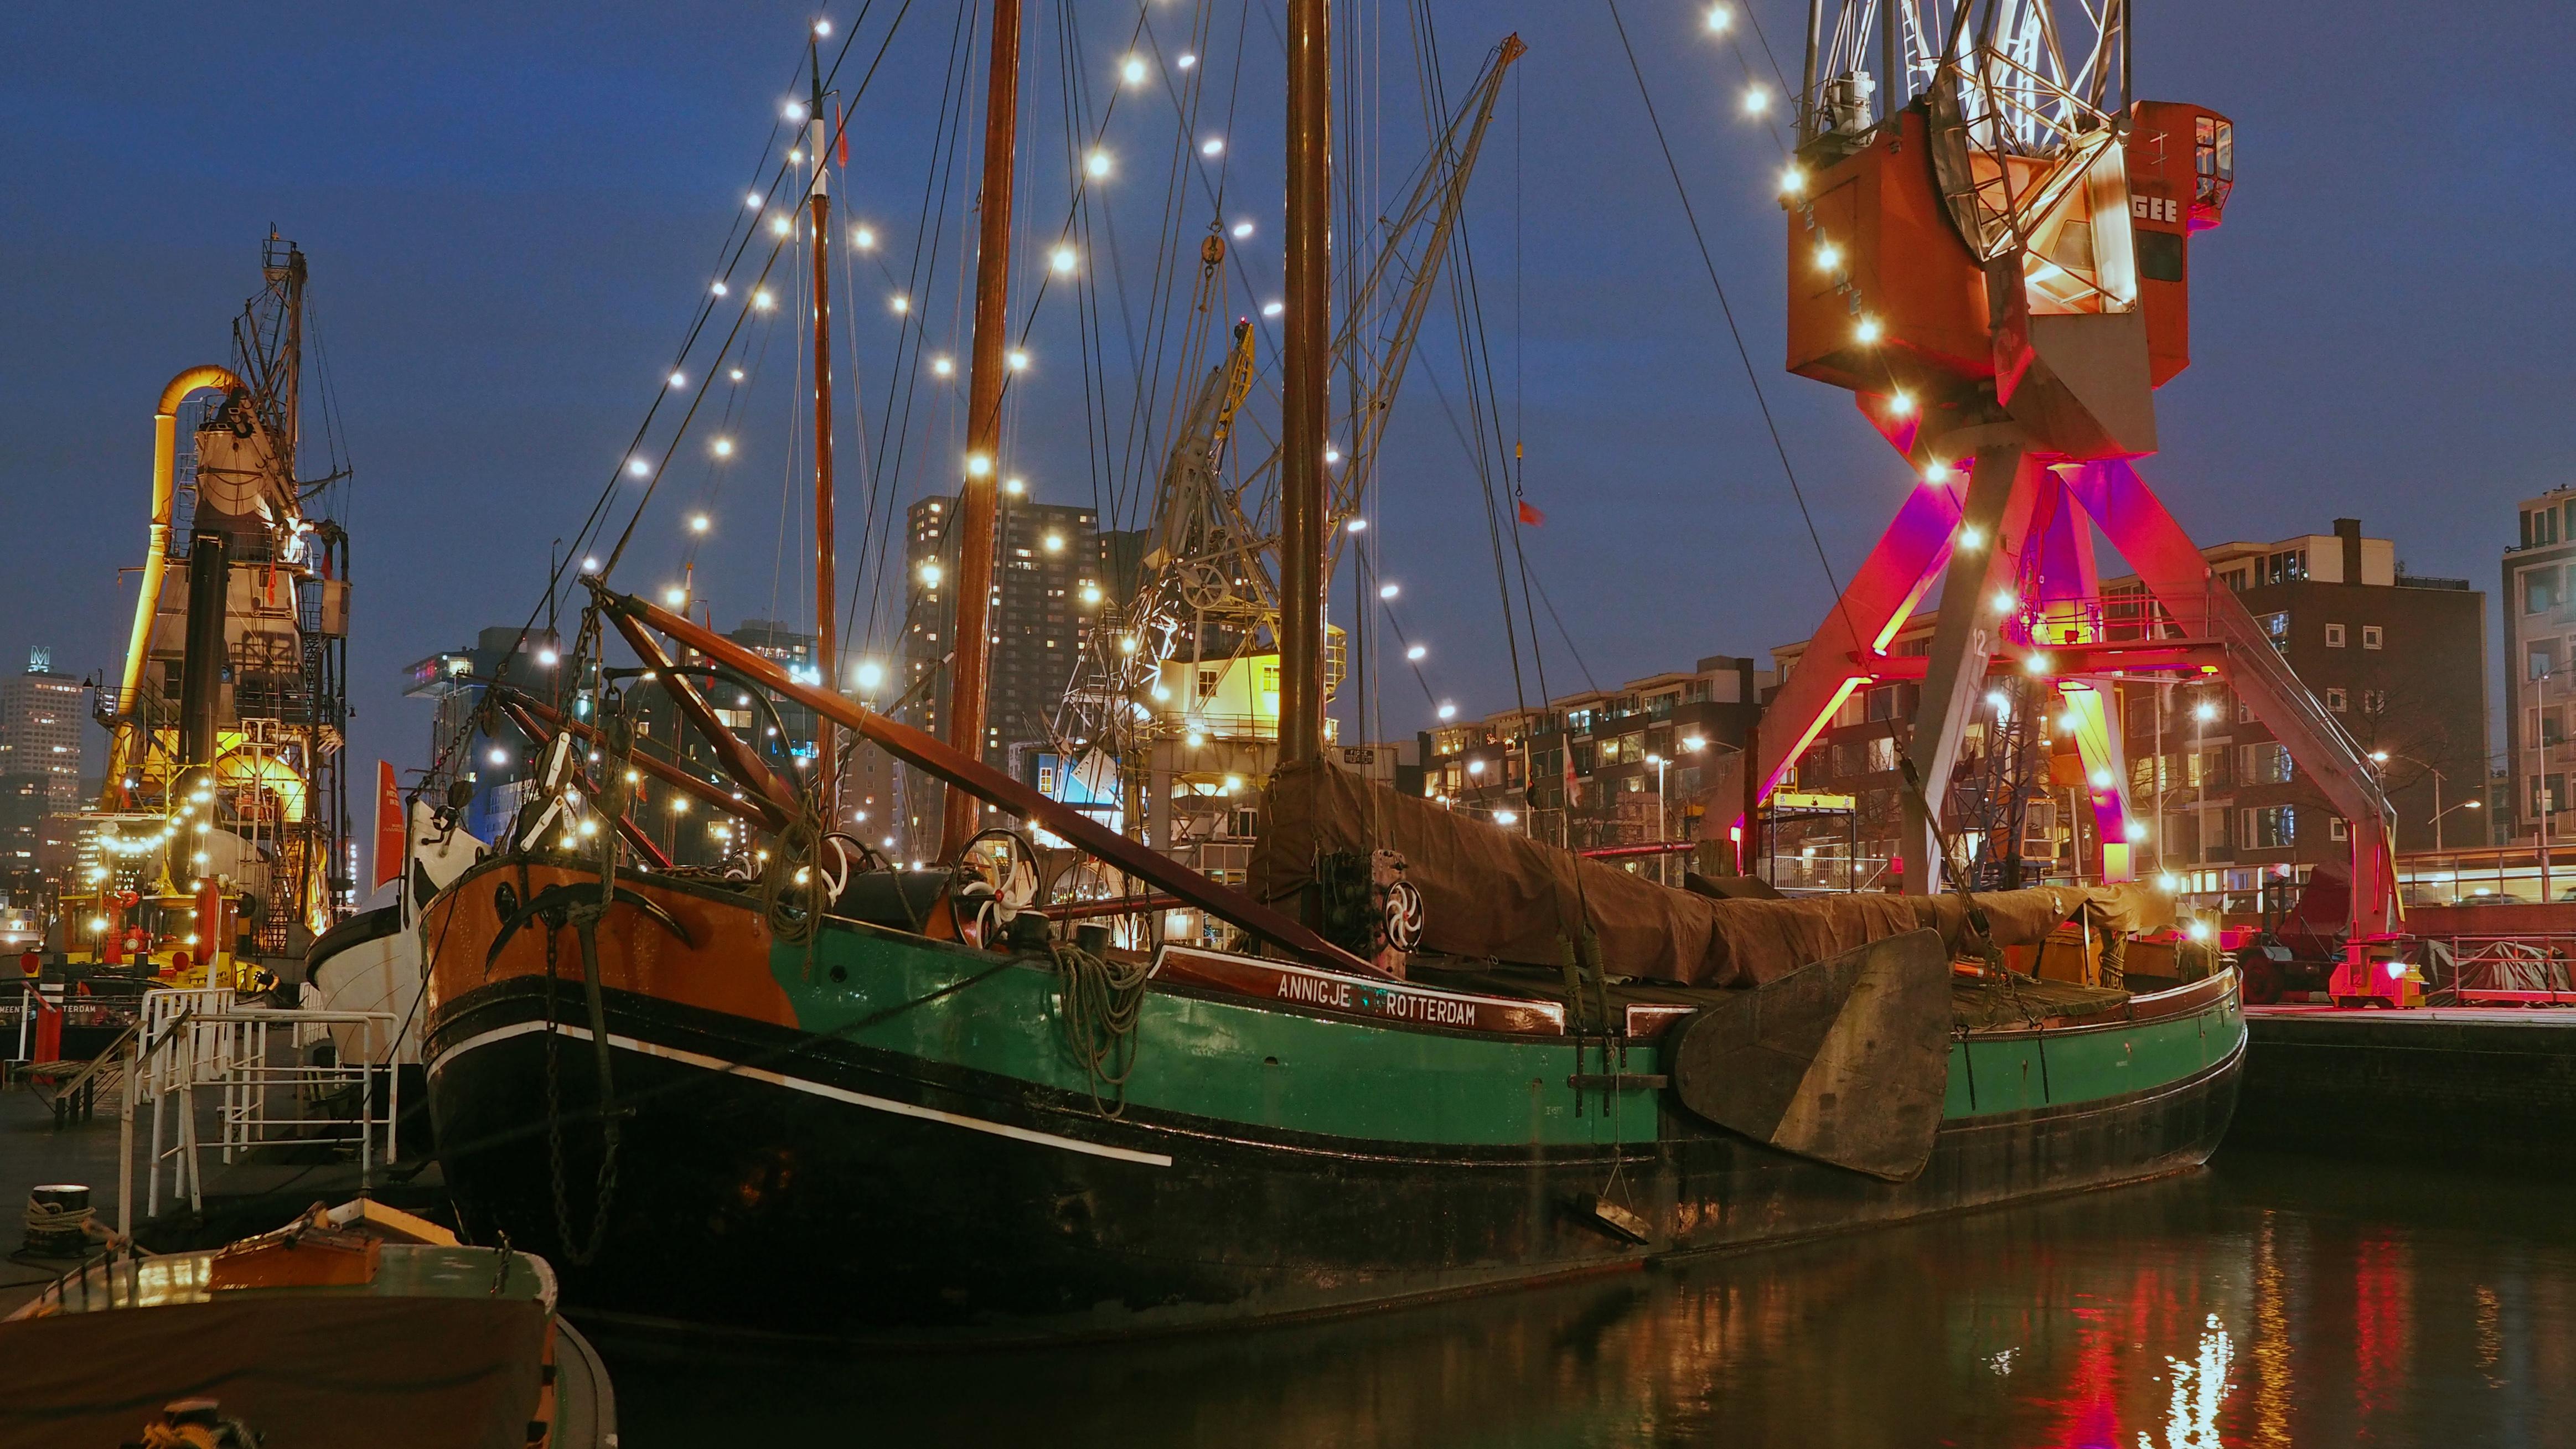 Een activiteit die leuk is voor alle leeftijden. Het Maritiem Museum Rotterdam bevindt zich in één van de grootste en oudste museumhavens van Nederland en hier leer je meer over het verleden én heden van de Rotterdamse haven. Met tentoonstellingen, activiteiten en een collectie aan historische schepen en kranen ben je hier wel even zoet. Ideaal voor bijvoorbeeld een regenachtige dag of als je op pad bent met kinderen.